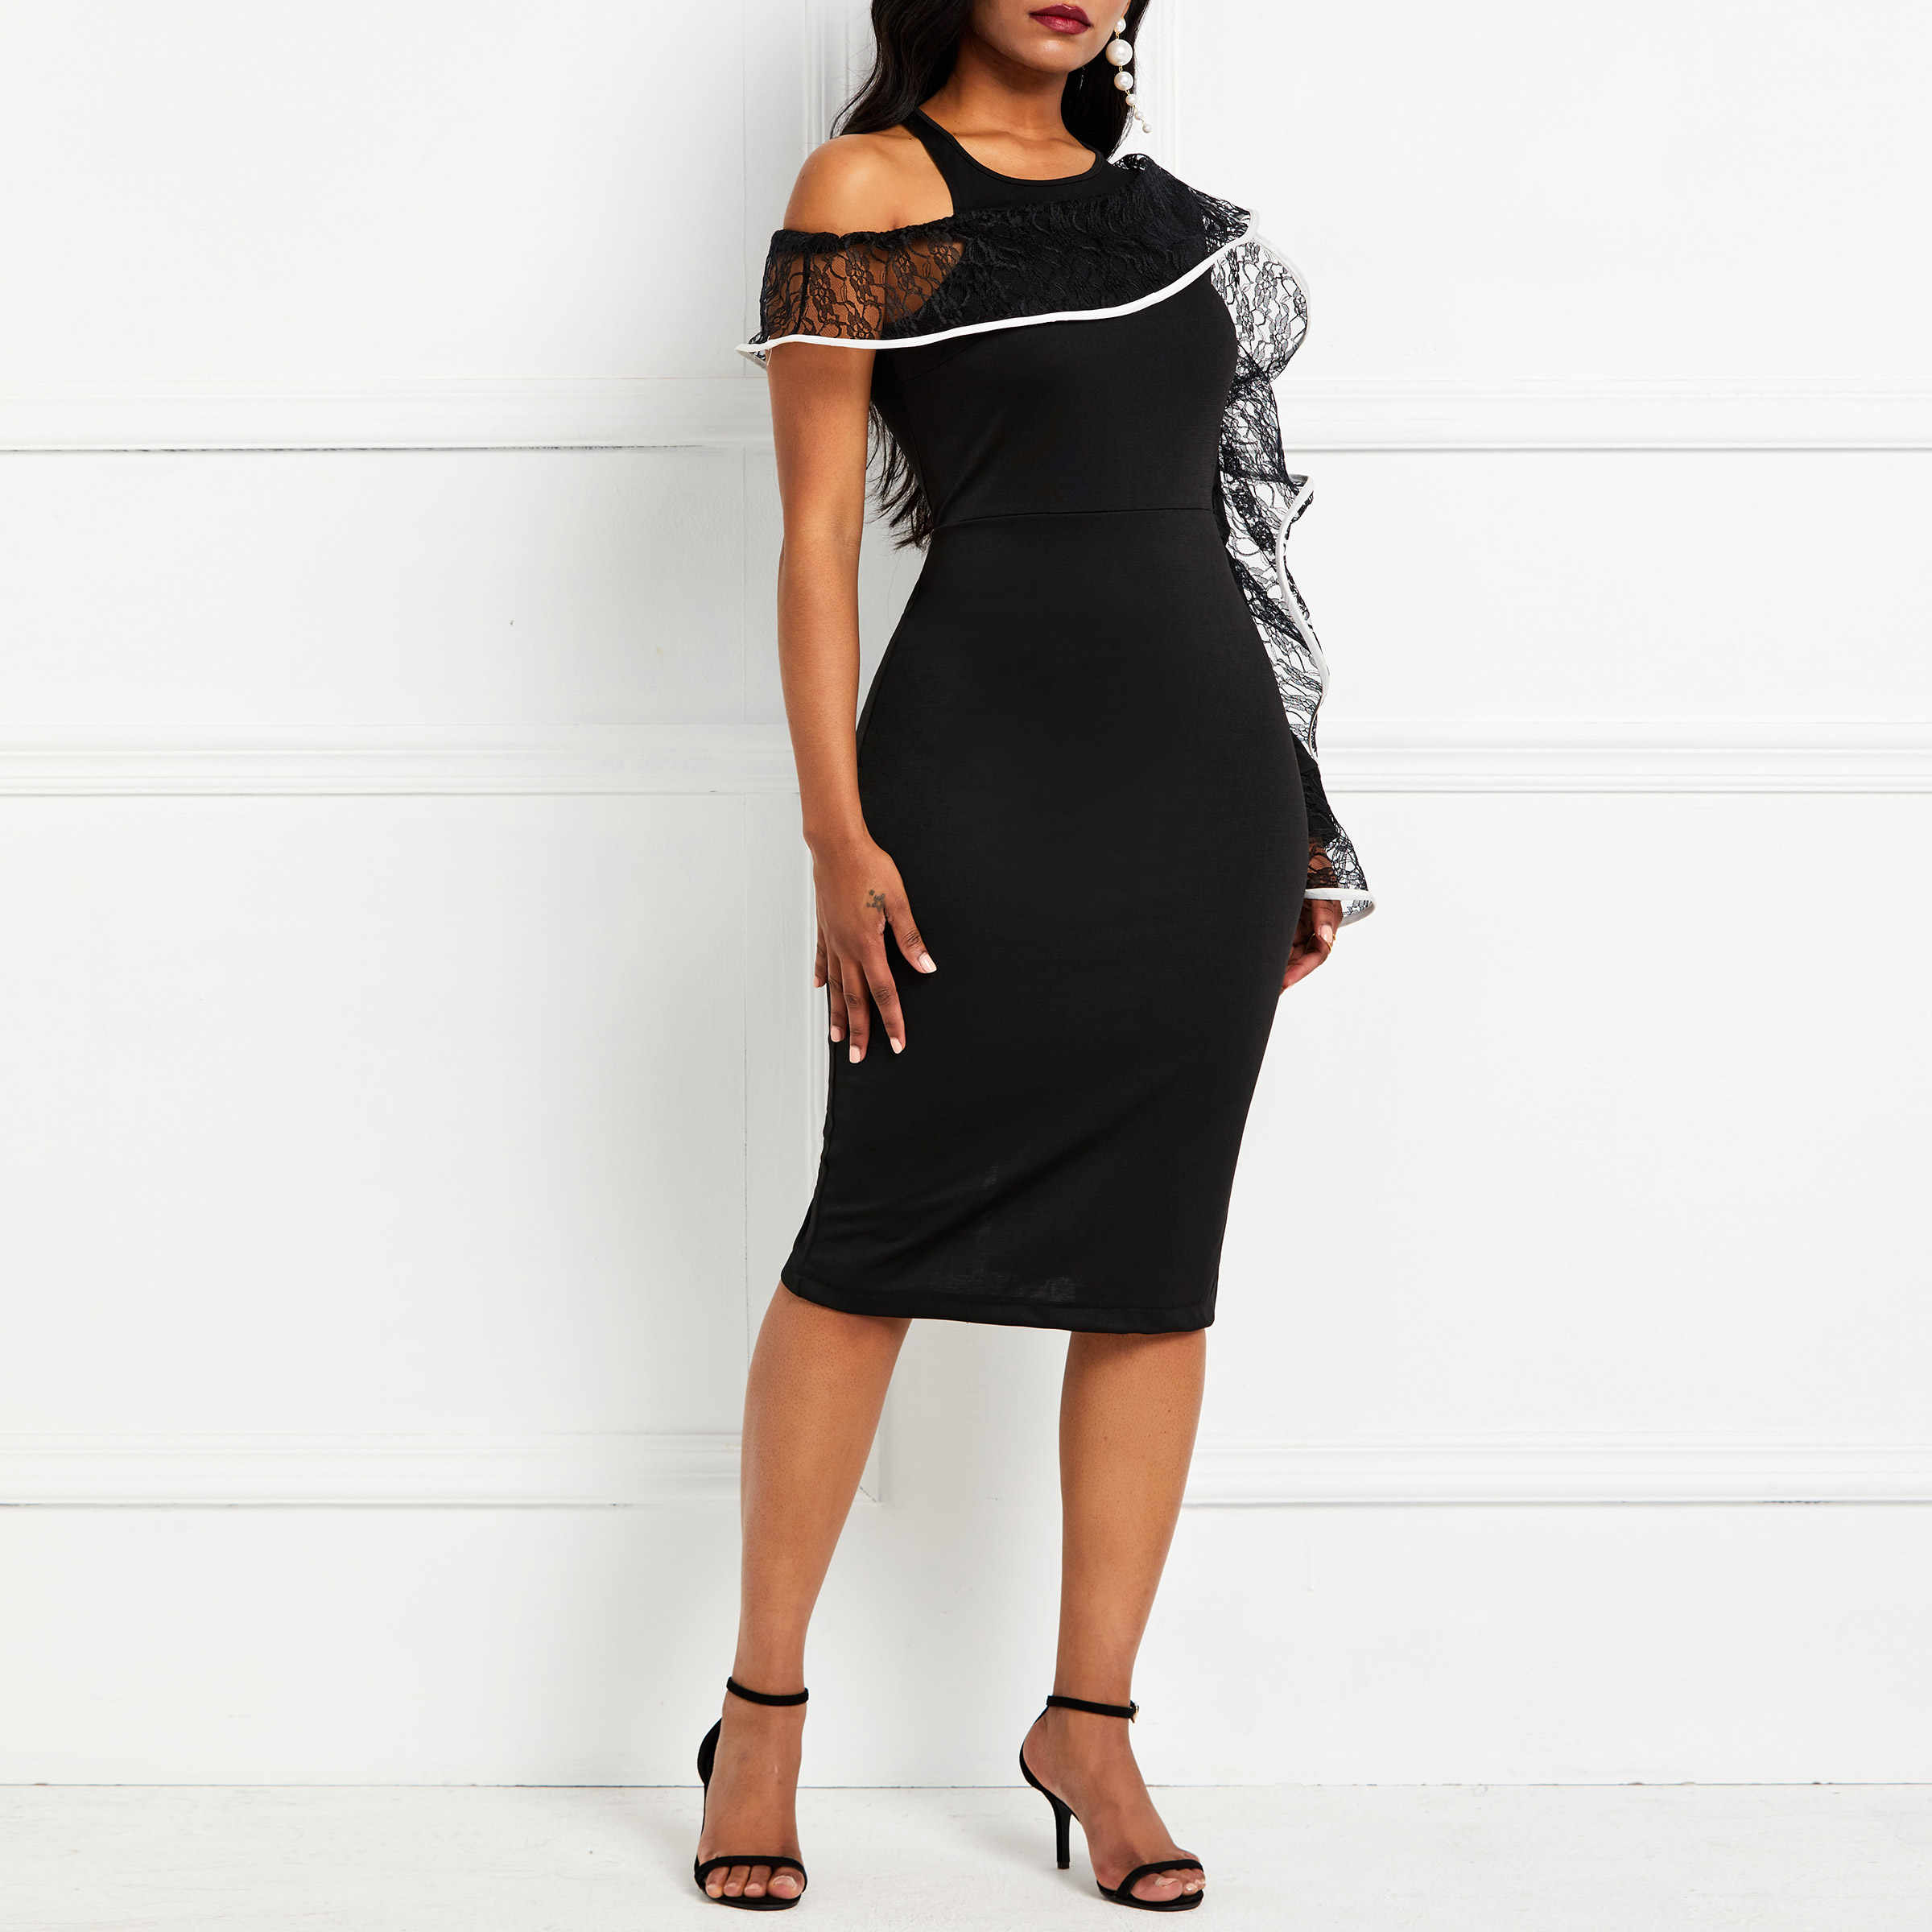 Вечерние облегающие платья 2019, женские сексуальные платья на одно плечо с длинным рукавом, облегающие Клубные летние вечерние элегантные черные кружевные платья миди с рюшами